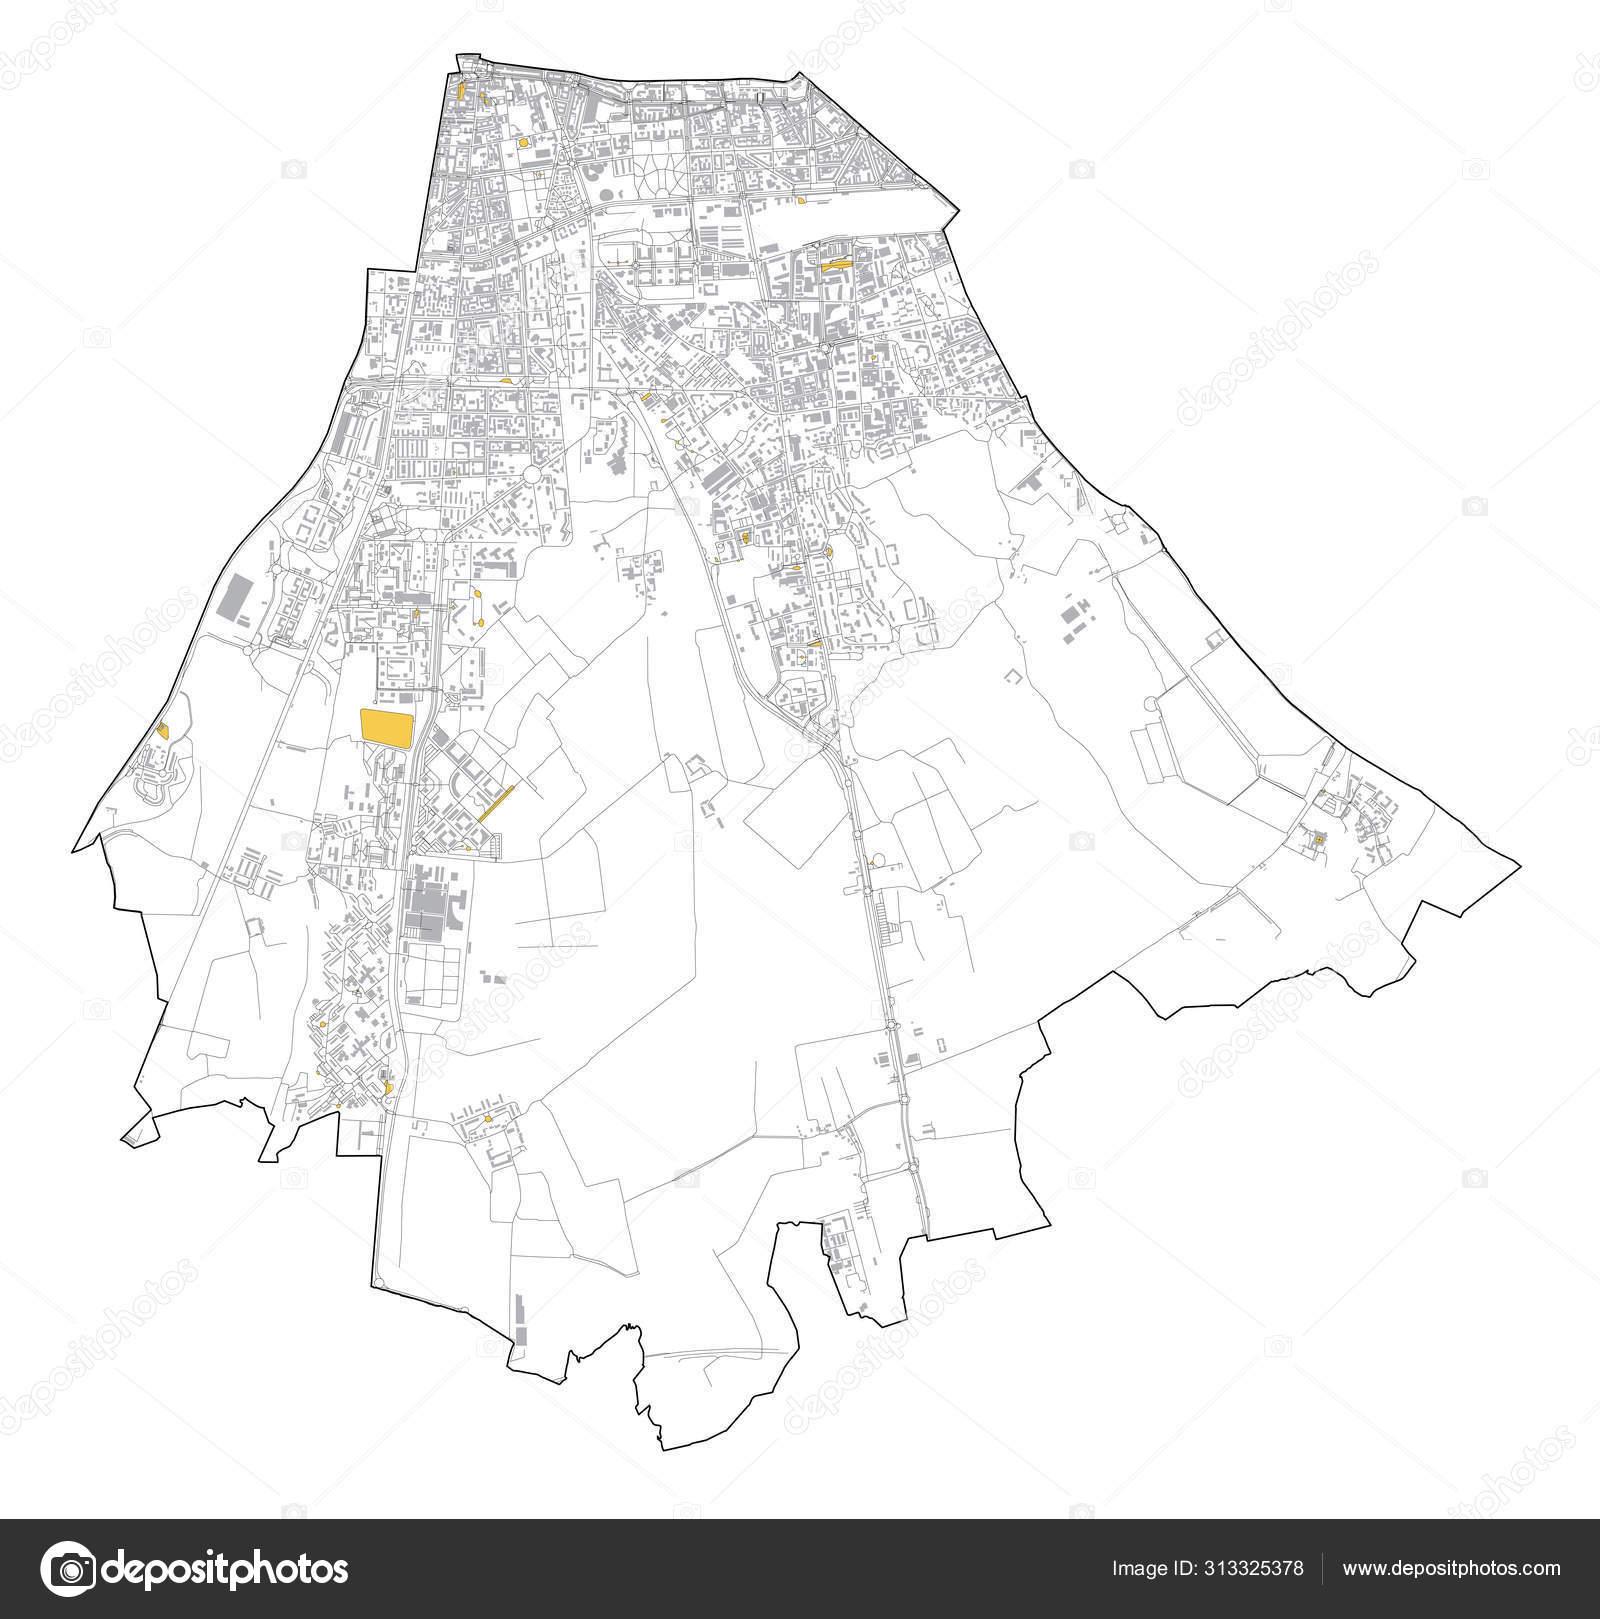 Cartina Satellitare Lombardia.ᐈ Mappa Lombardia Illustrazione Di Stock Vettore Contorno Di Lombardia Scarica Su Depositphotos